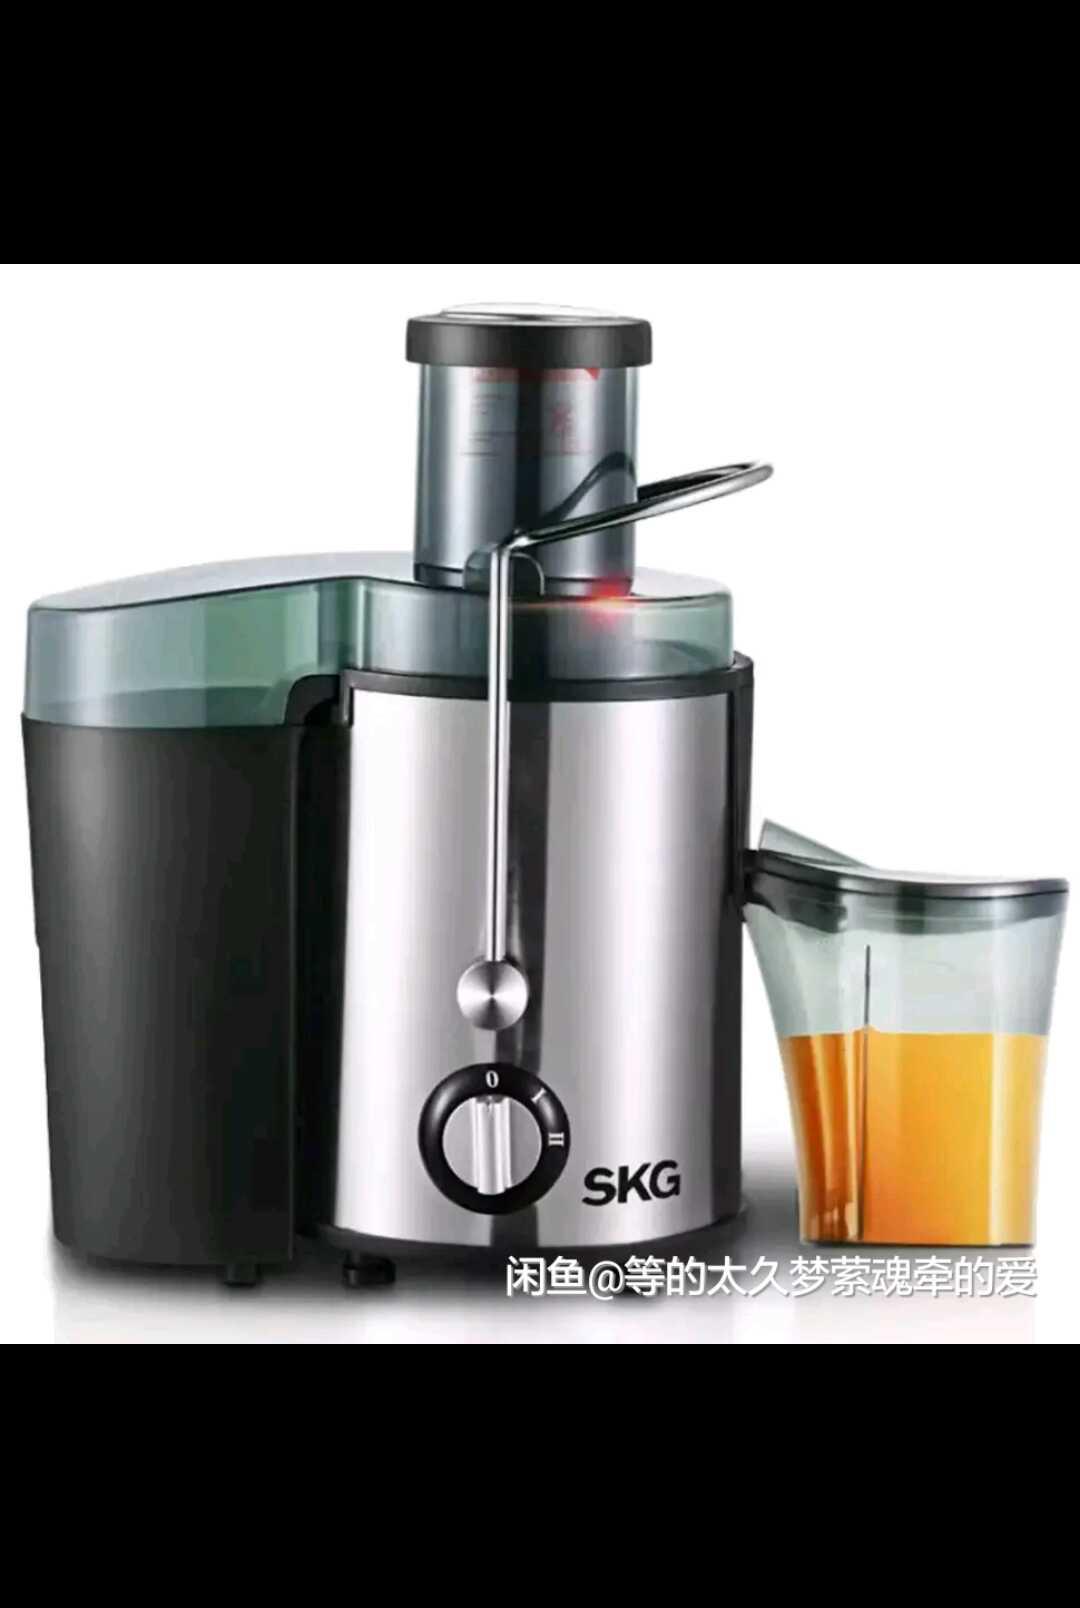 SKGMY-610榨汁机